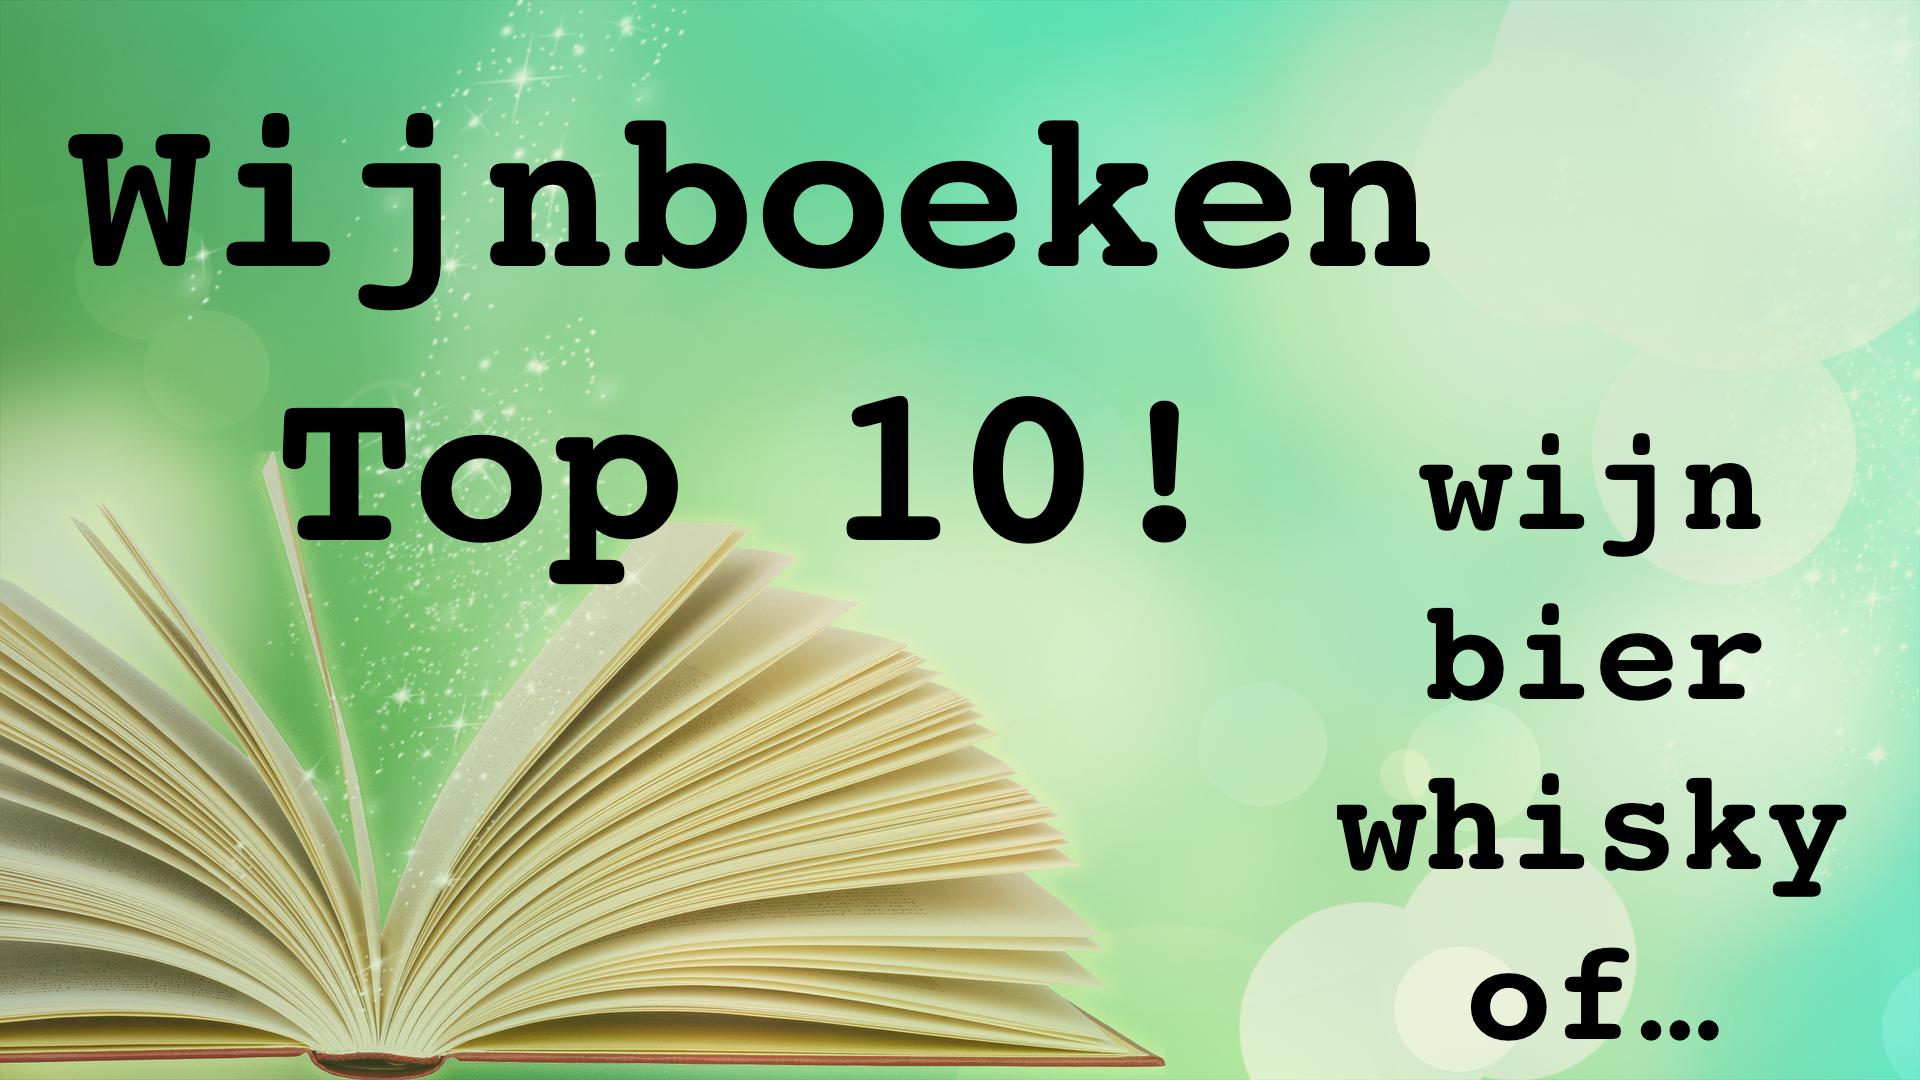 Top 10 wijnboeken